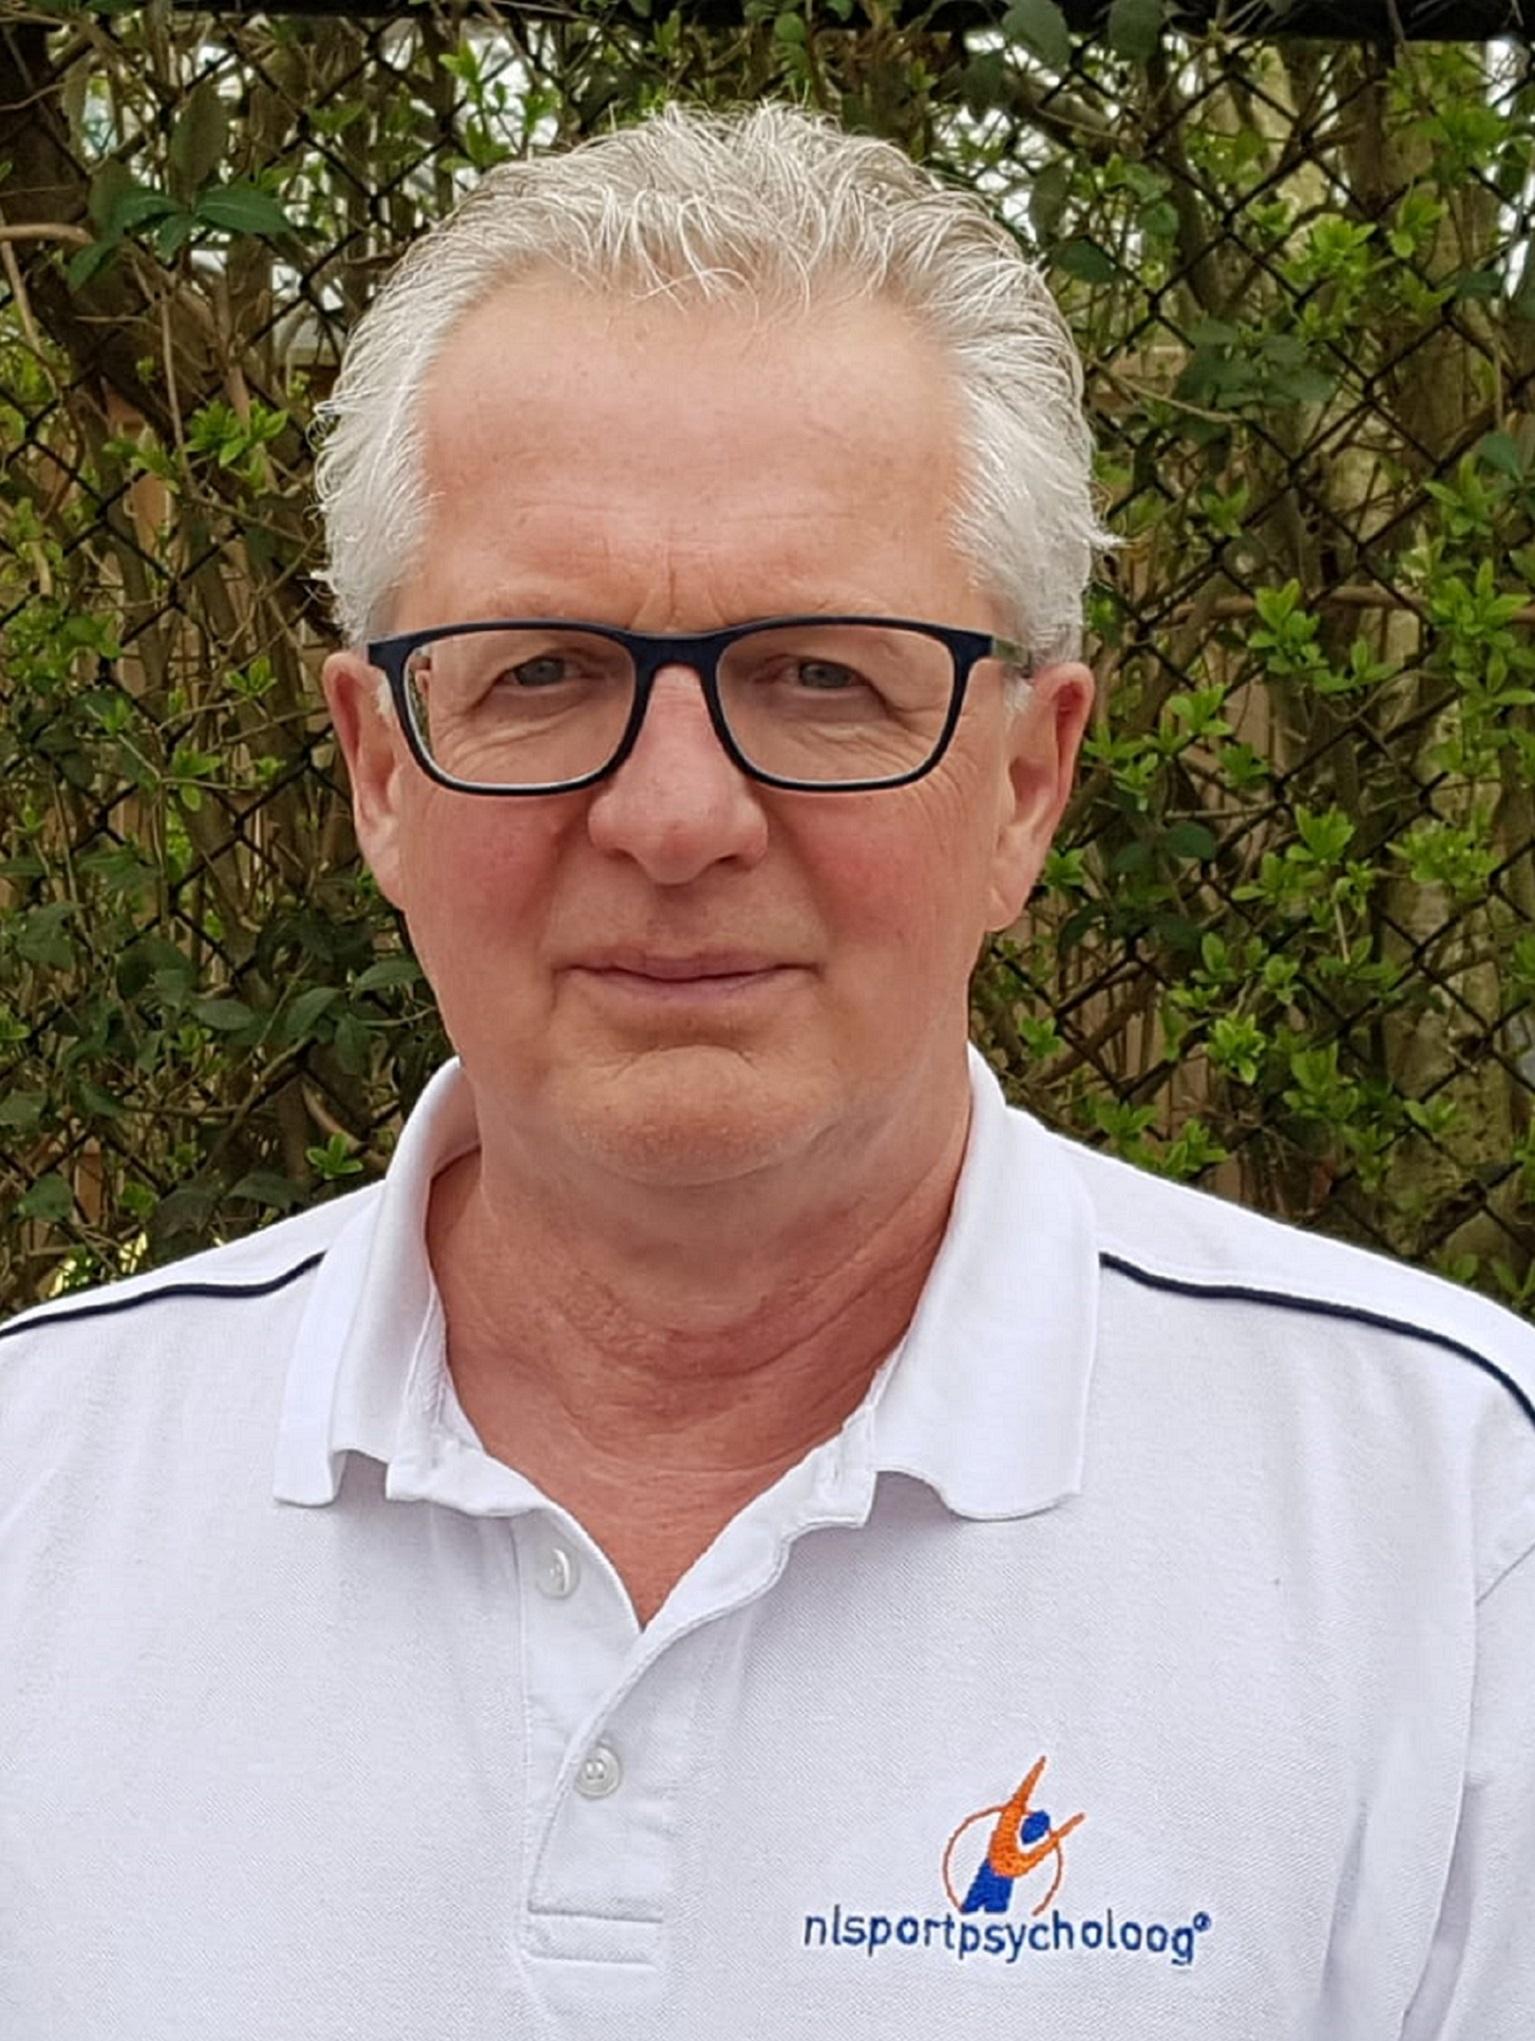 NL sportpsycholoog Peter Lulof – Overijssel